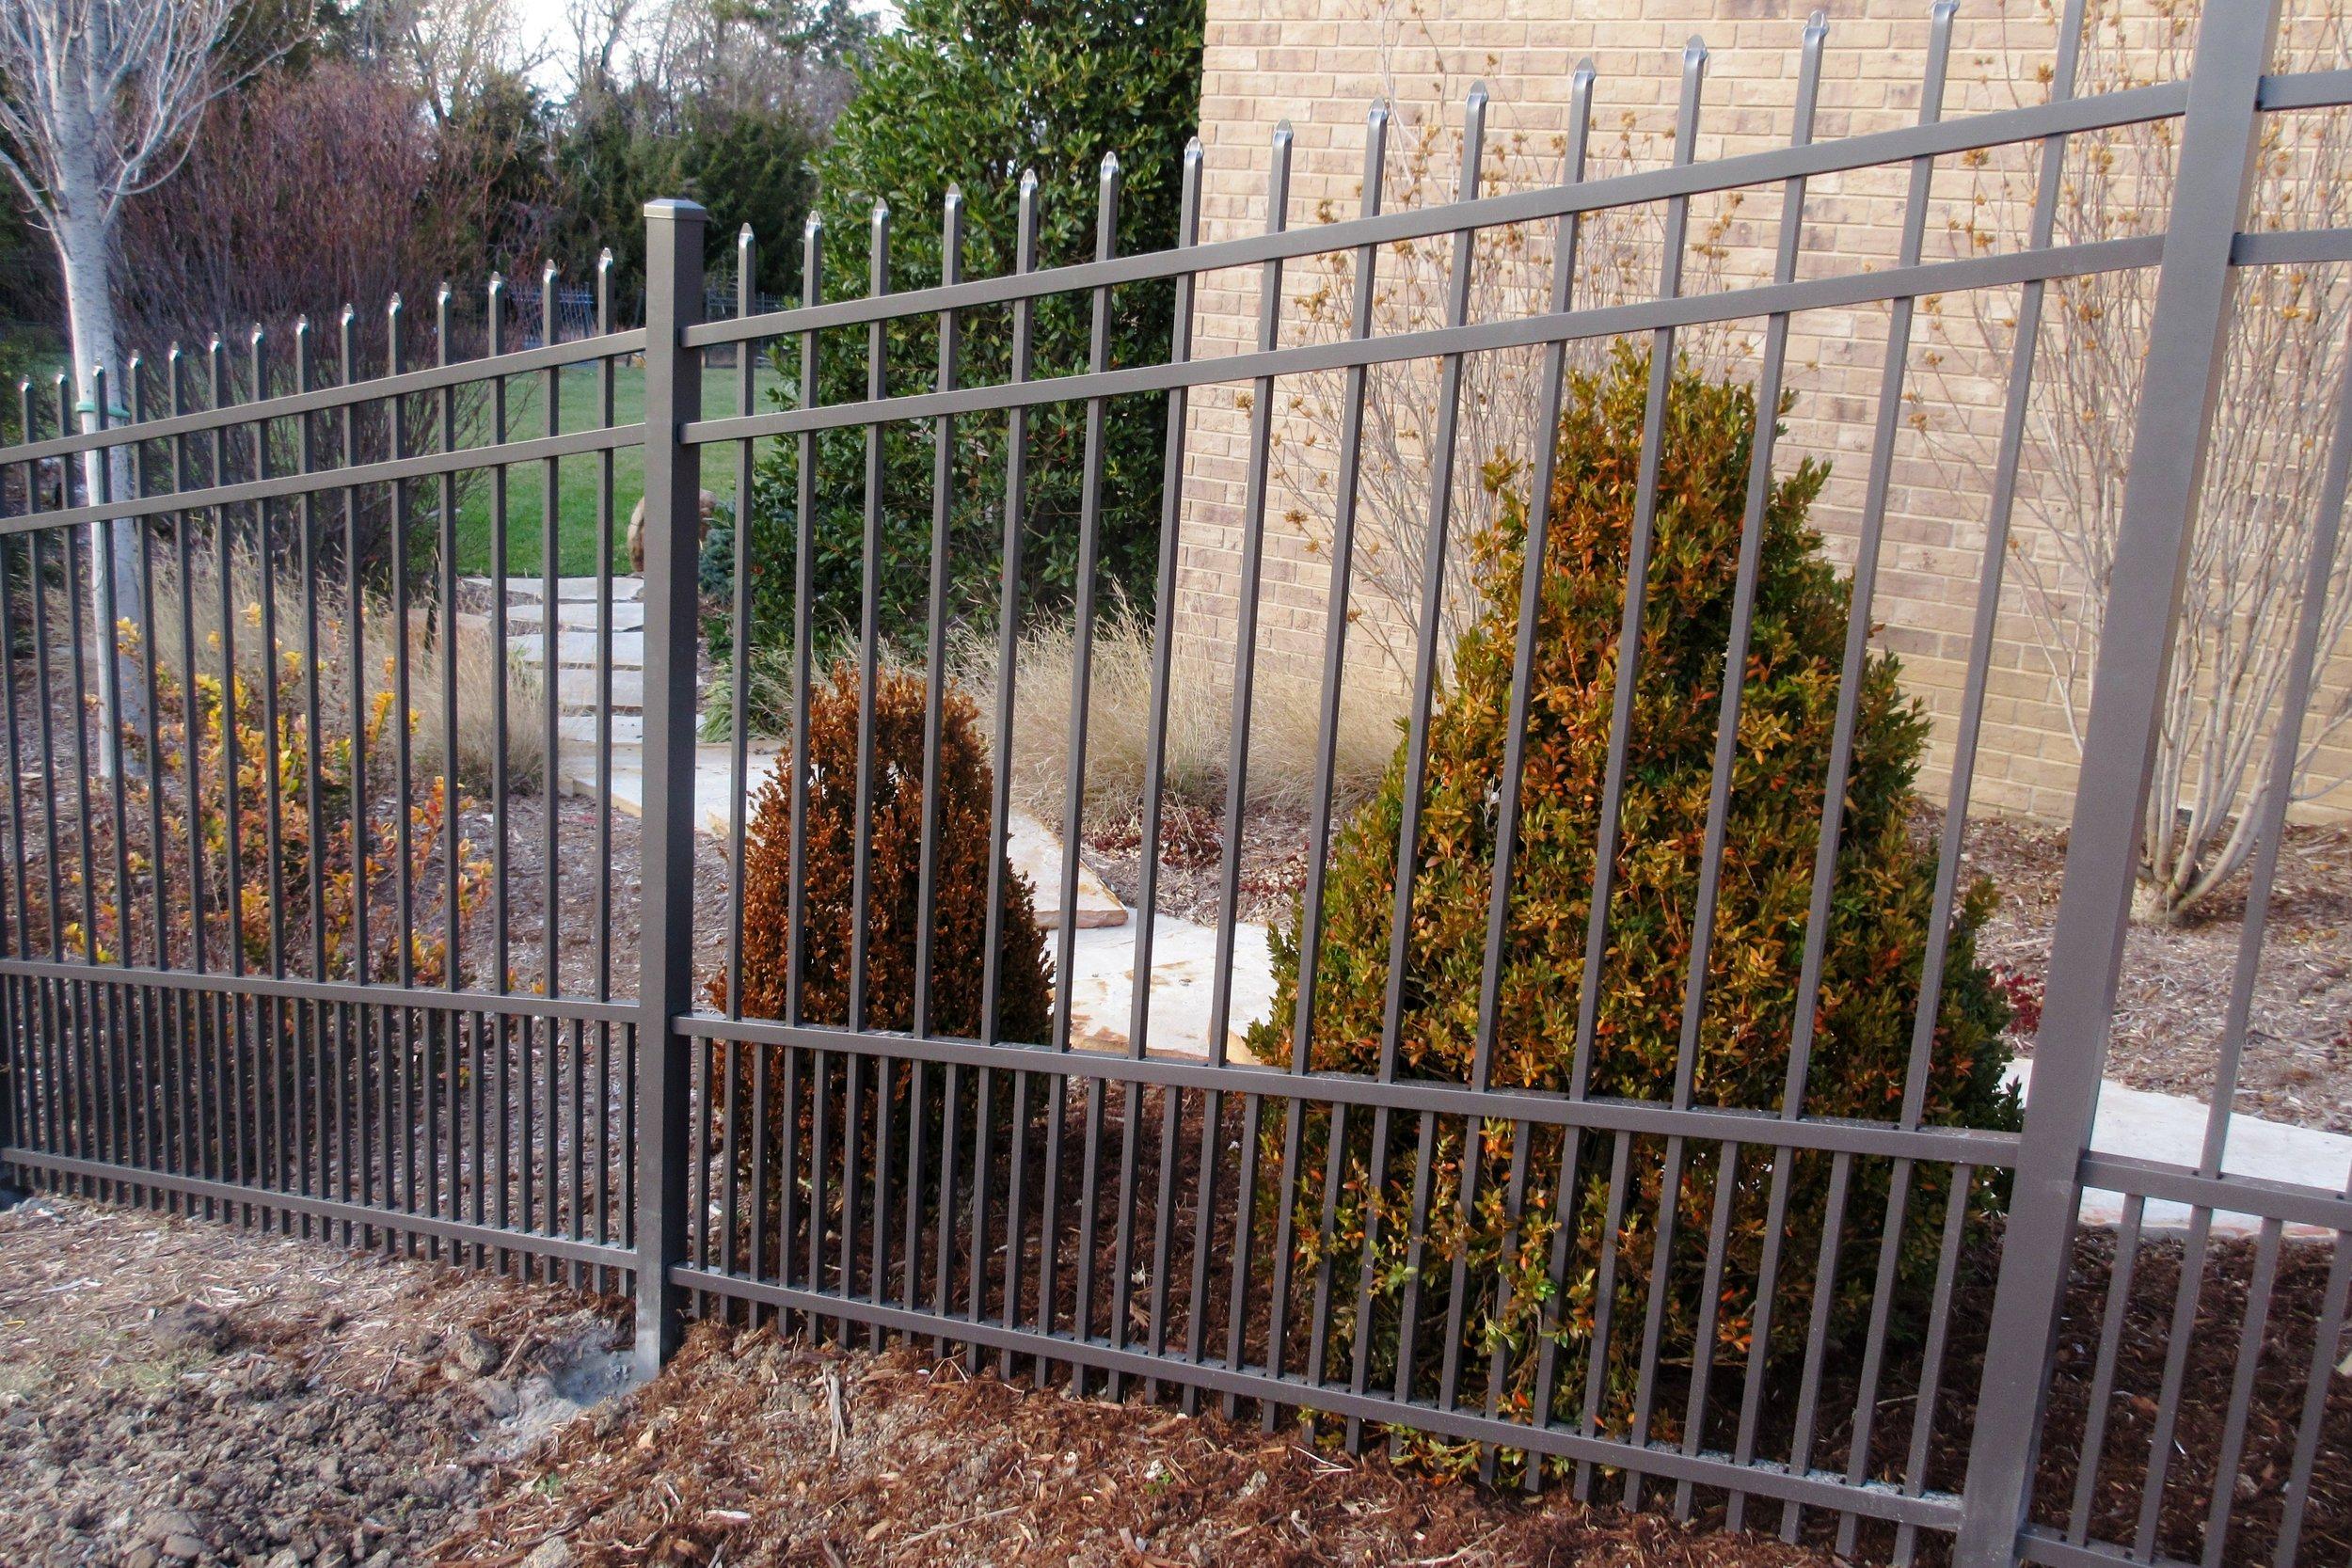 Residential-Ornamental-Fences-Wichita-Kansas